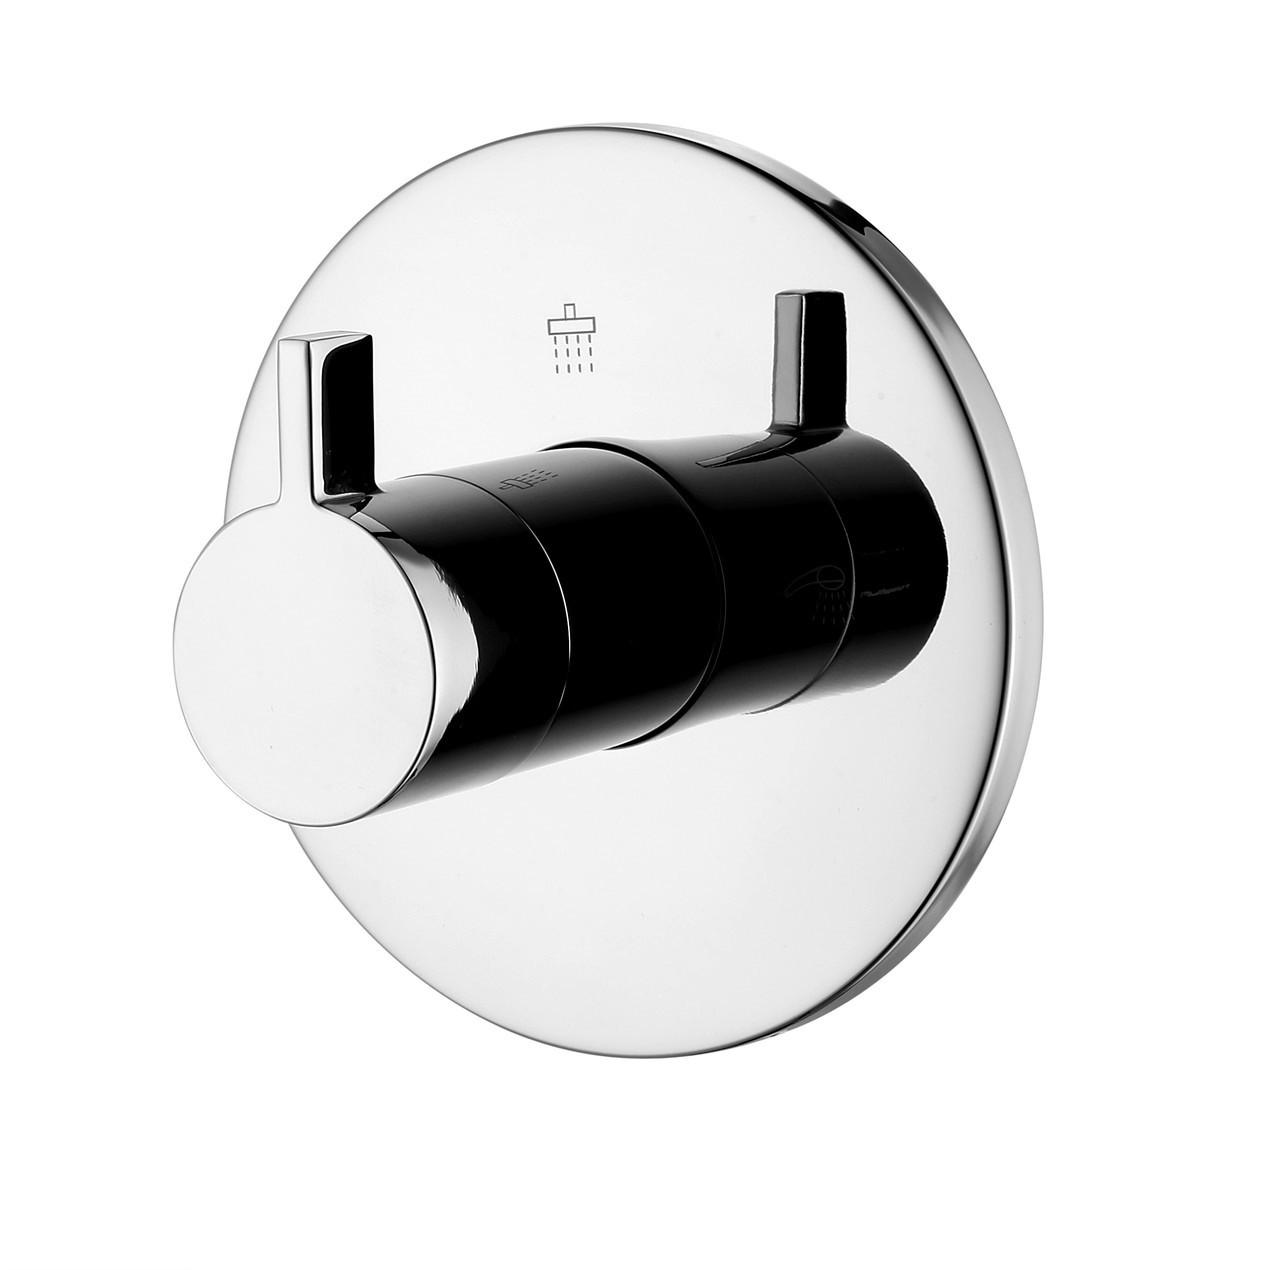 ZAMEK замочний/перемикальний вентиль (3 споживача), форма R